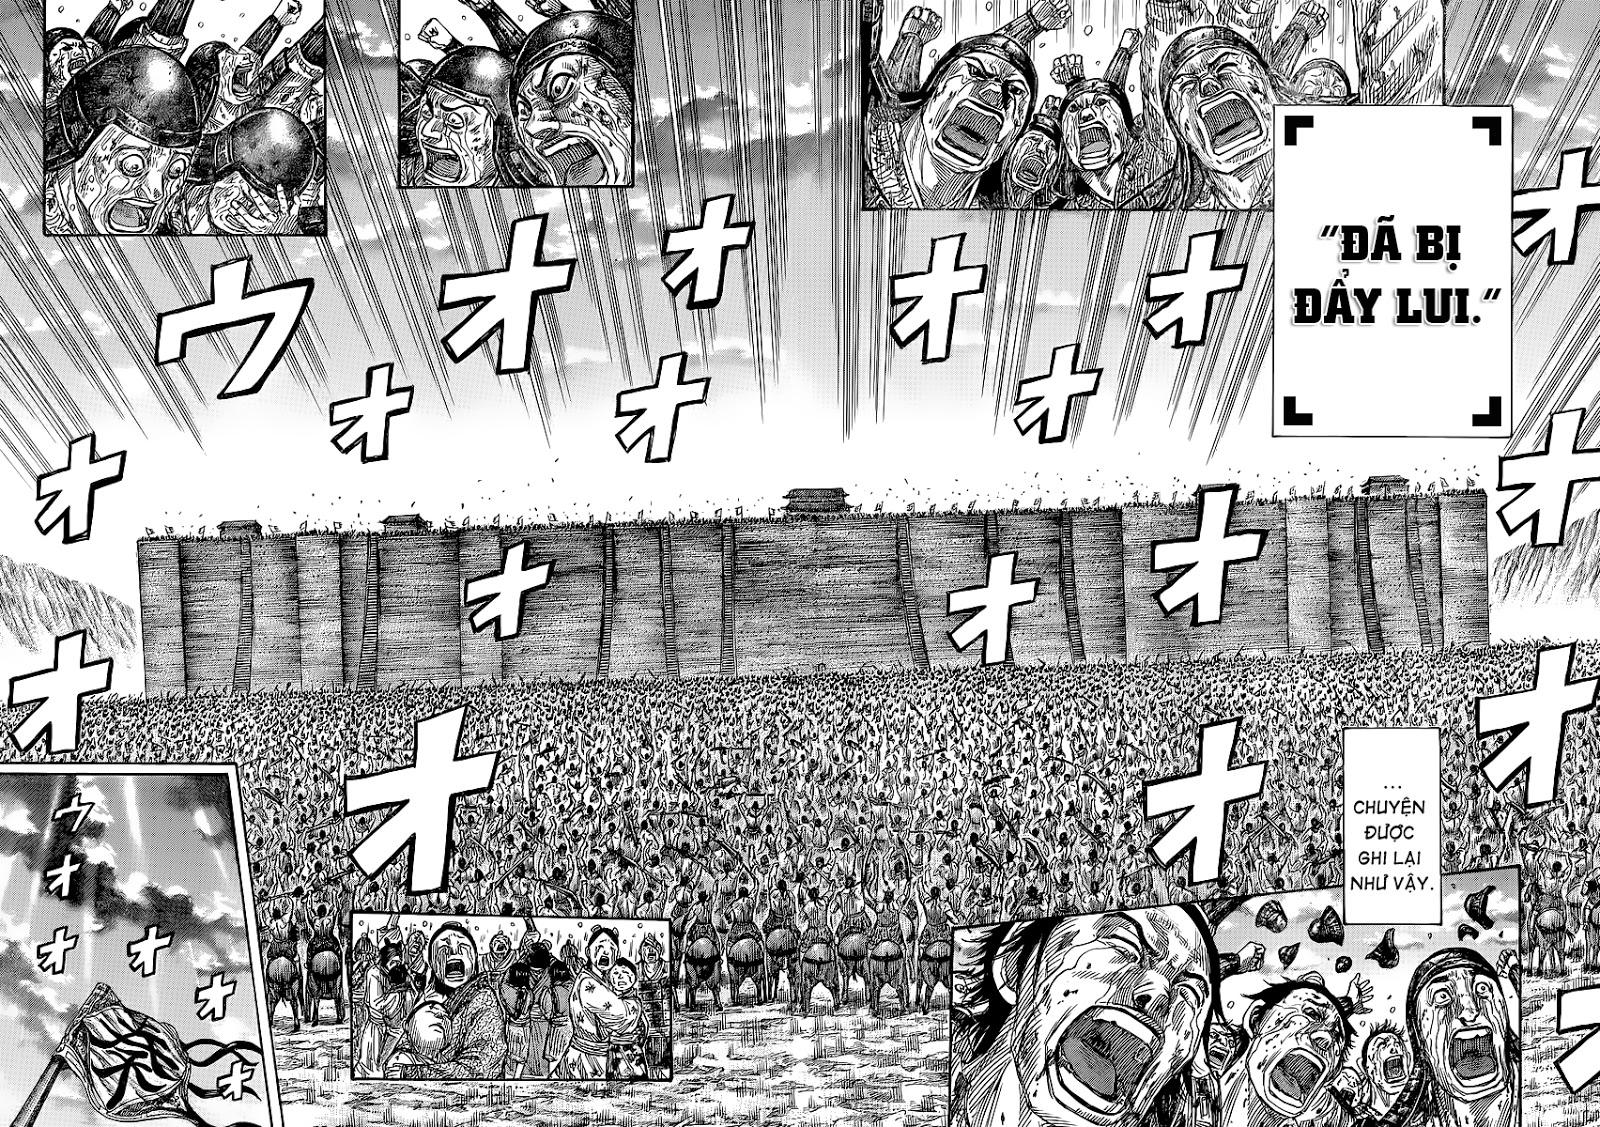 Kingdom – Vương Giả Thiên Hạ (Tổng Hợp) chap 352 page 9 - IZTruyenTranh.com